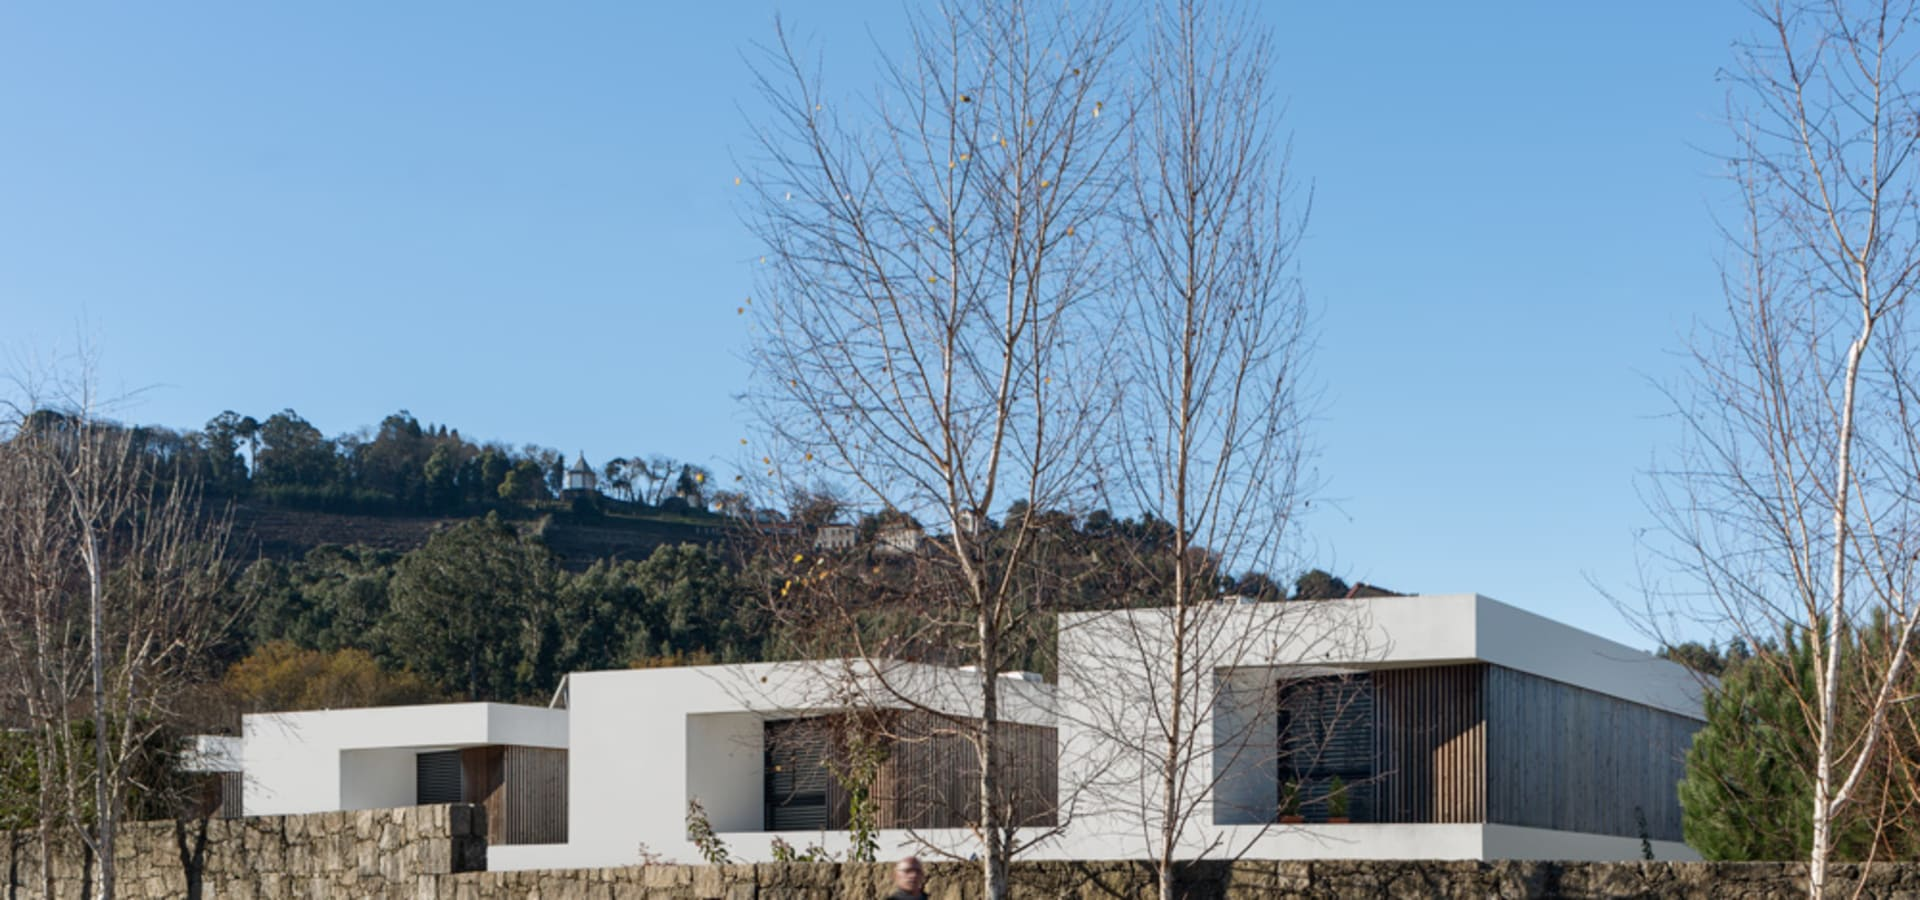 Casa portelinhos fotografia de arquitectura by bruno for Arquitectura de interiores